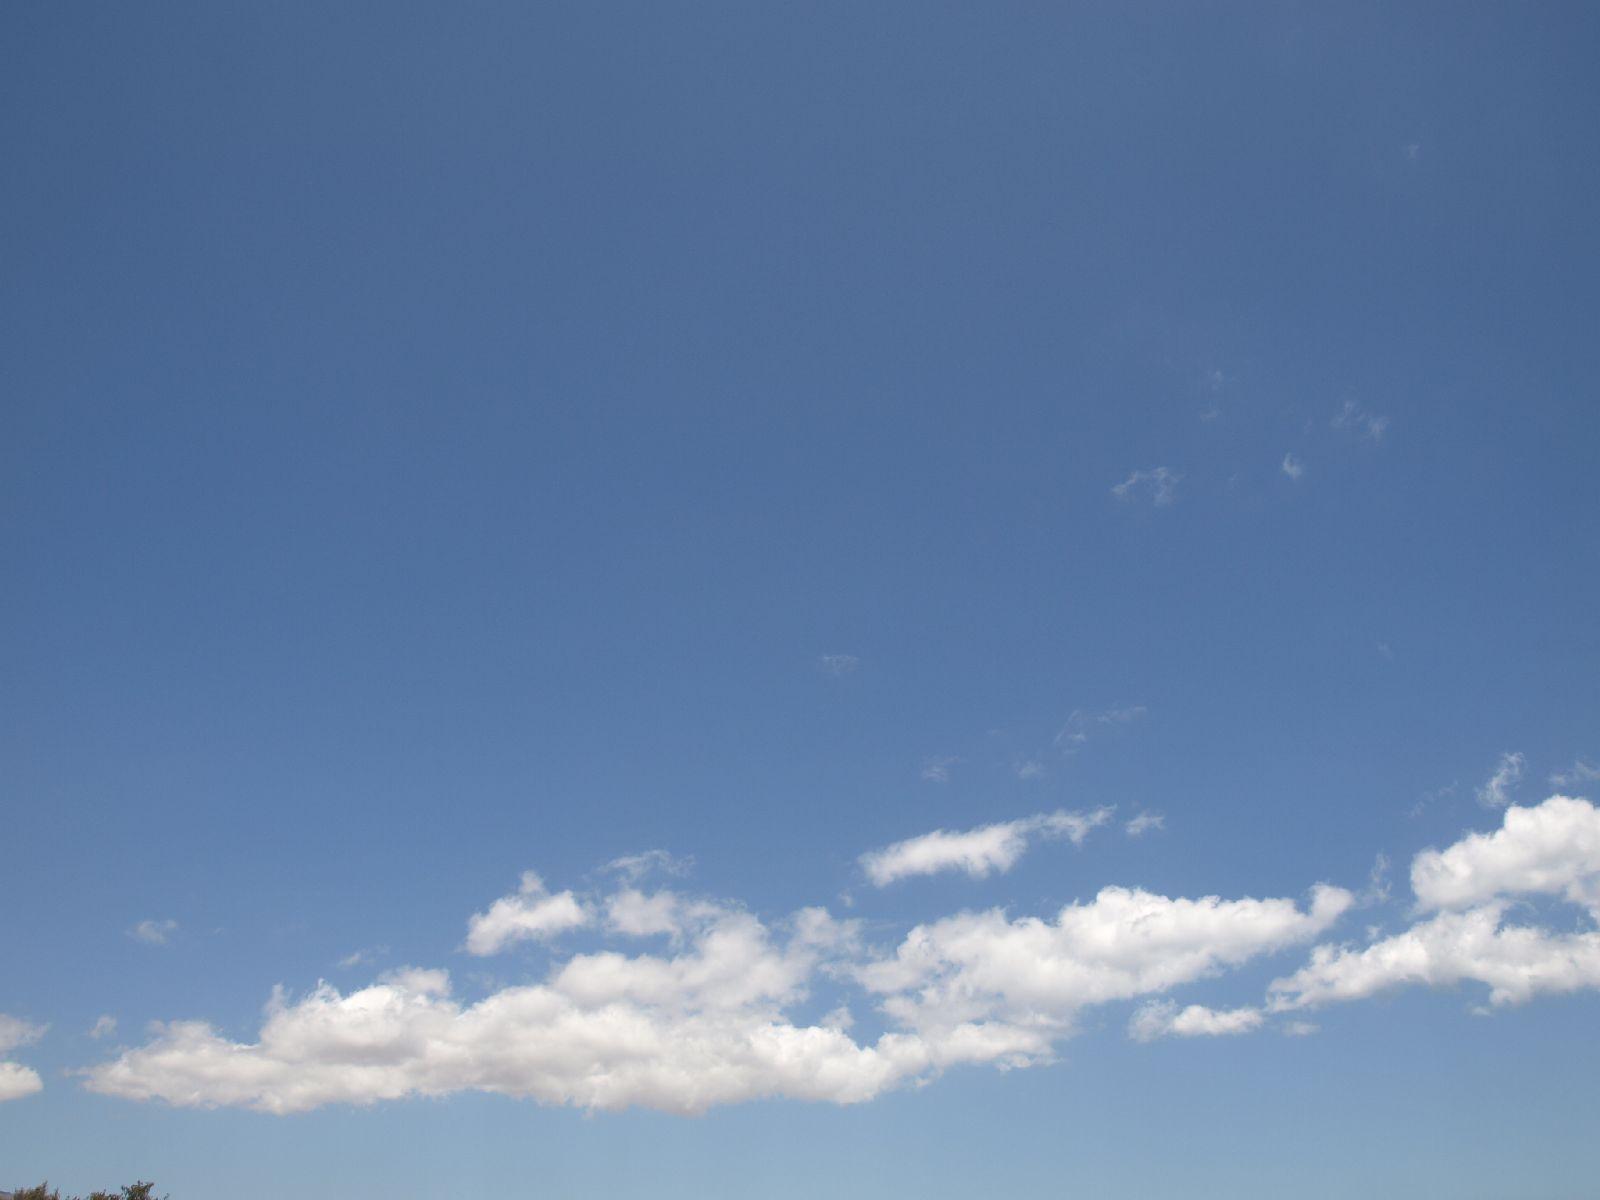 Himmel-Wolken-Foto_Textur_A_P5234535